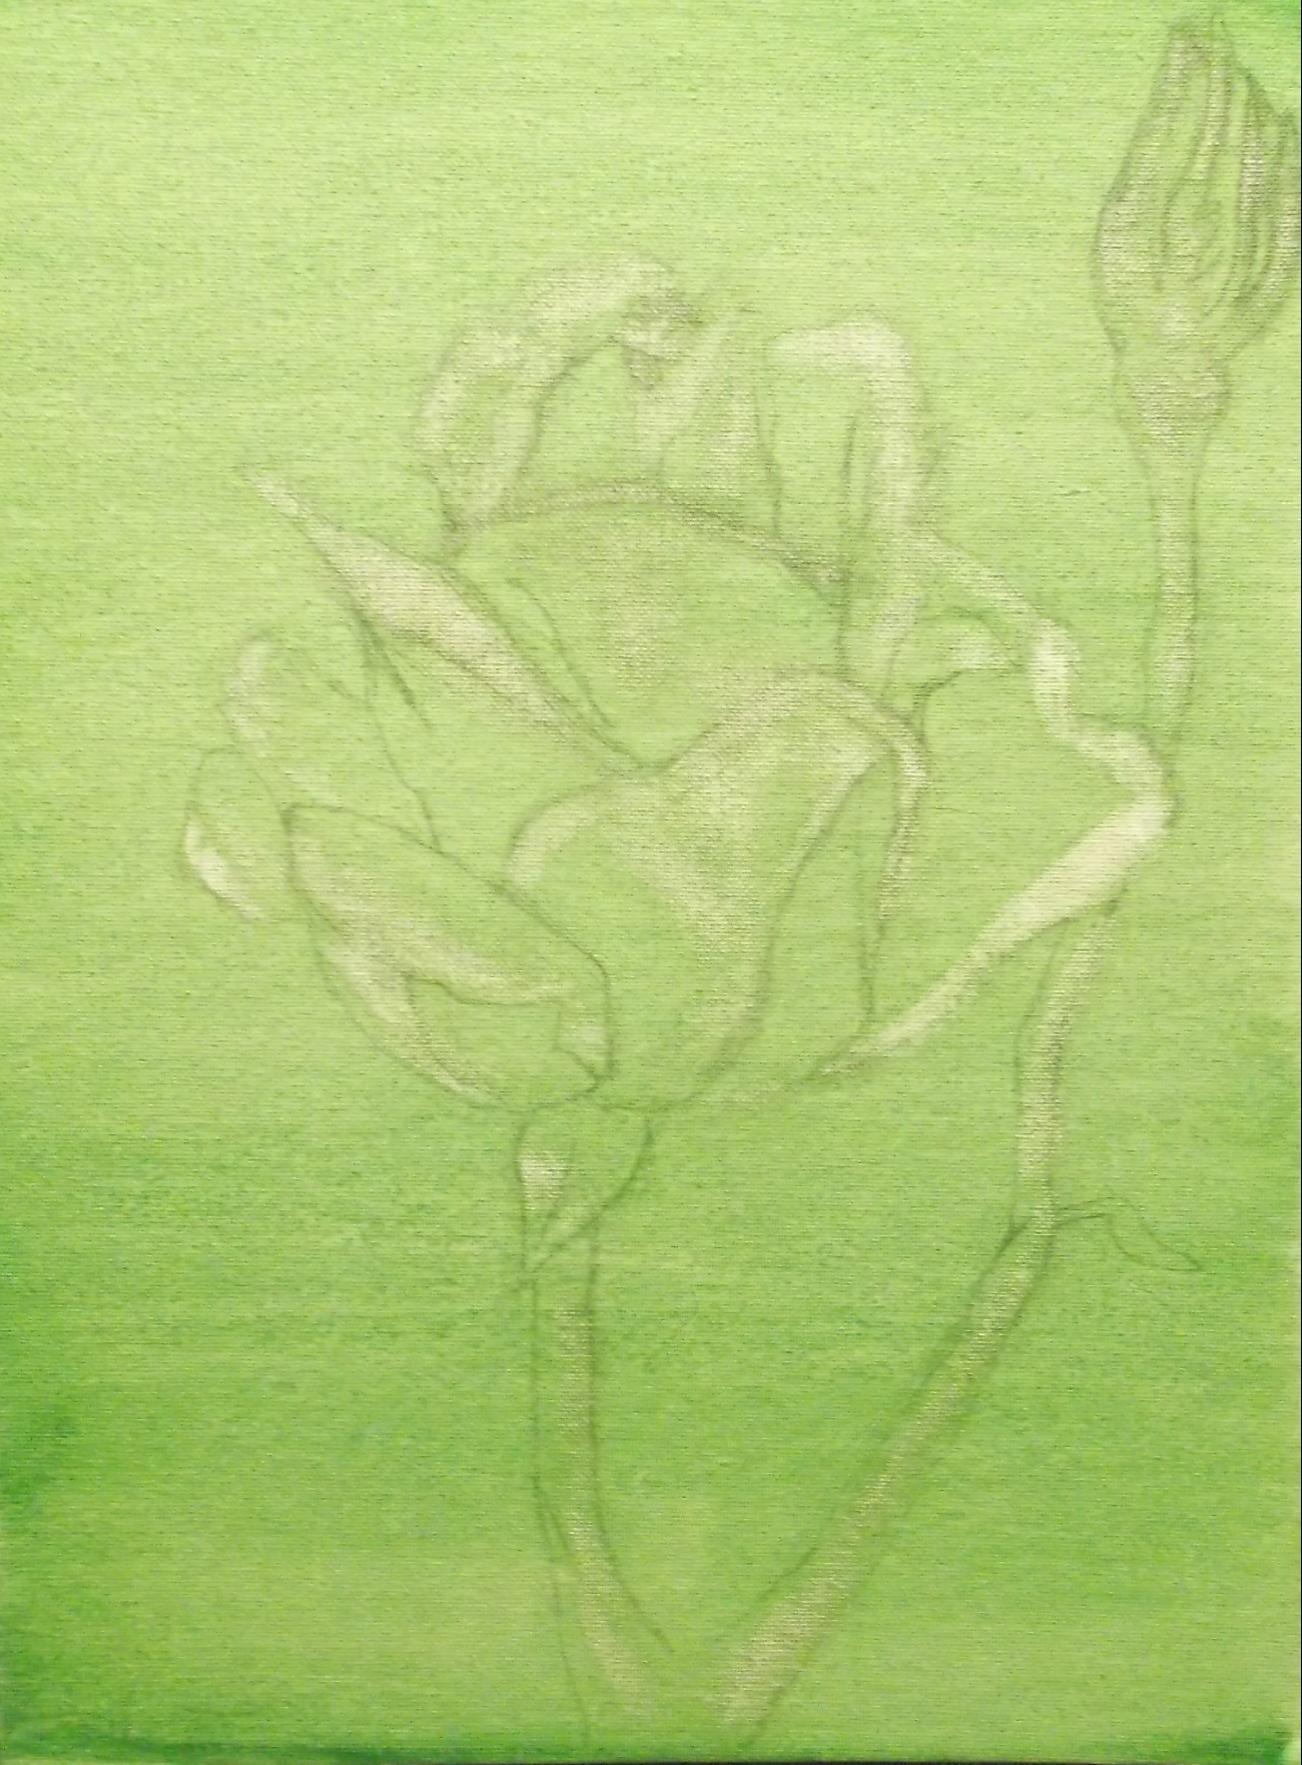 twilight rose imprimatura layer